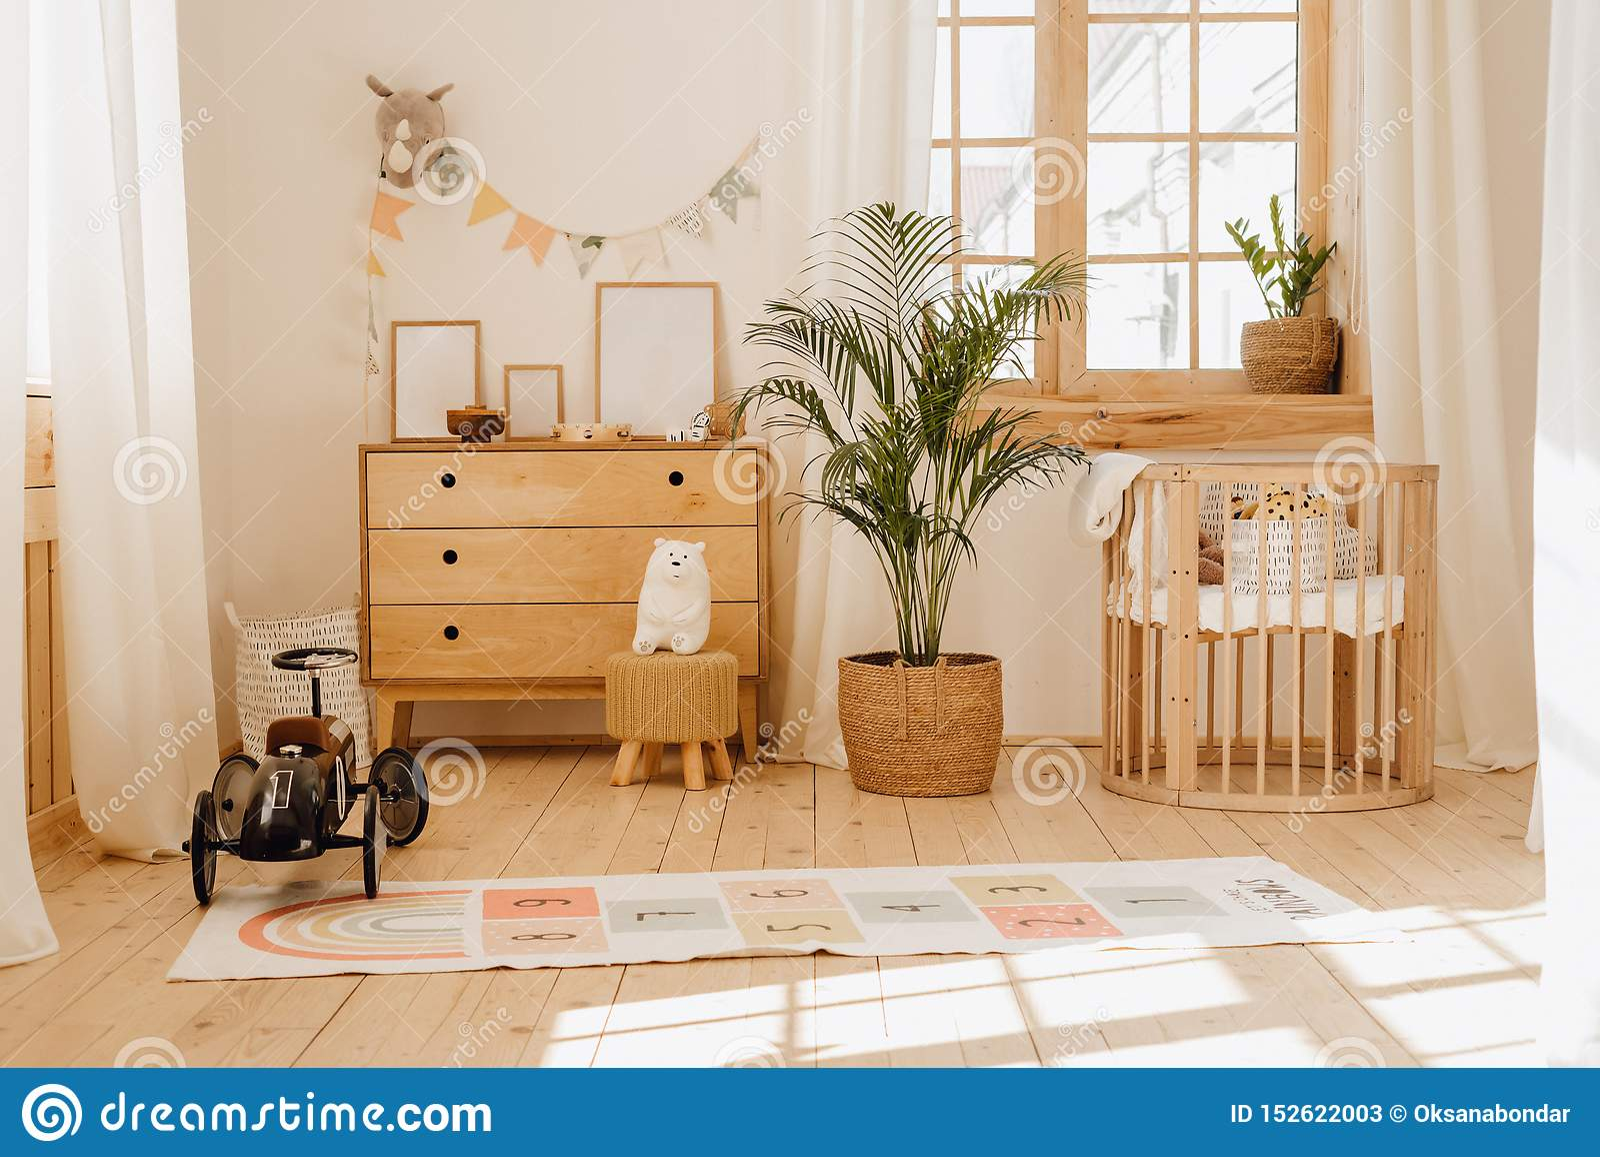 瑞士山中的牧人小屋婴孩卧室内部与舒适摇篮床